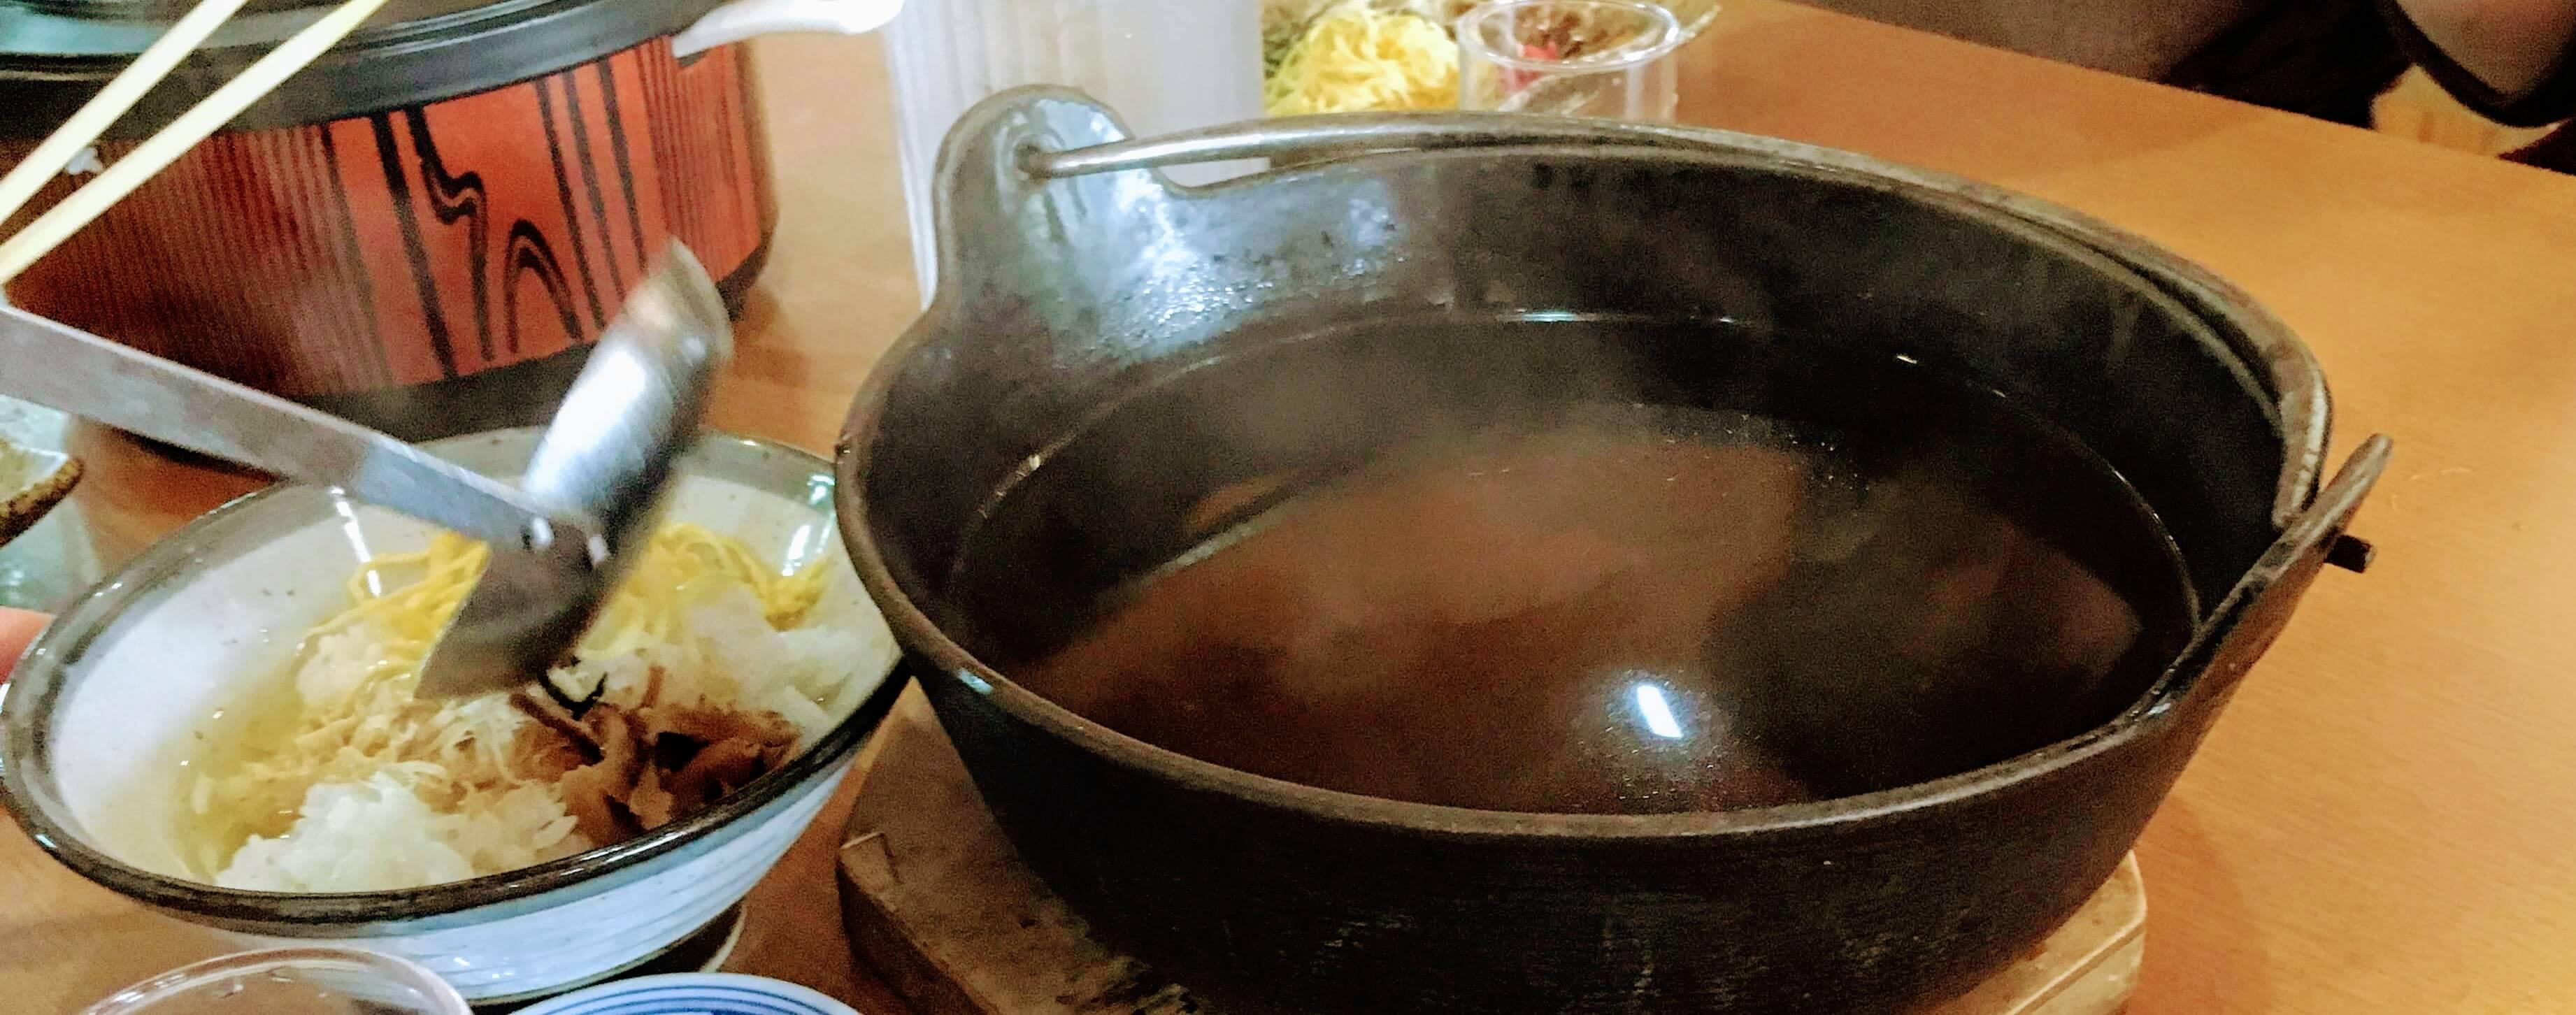 奄美大島の鶏飯(けいはん)のひさ倉の鶏飯スープ